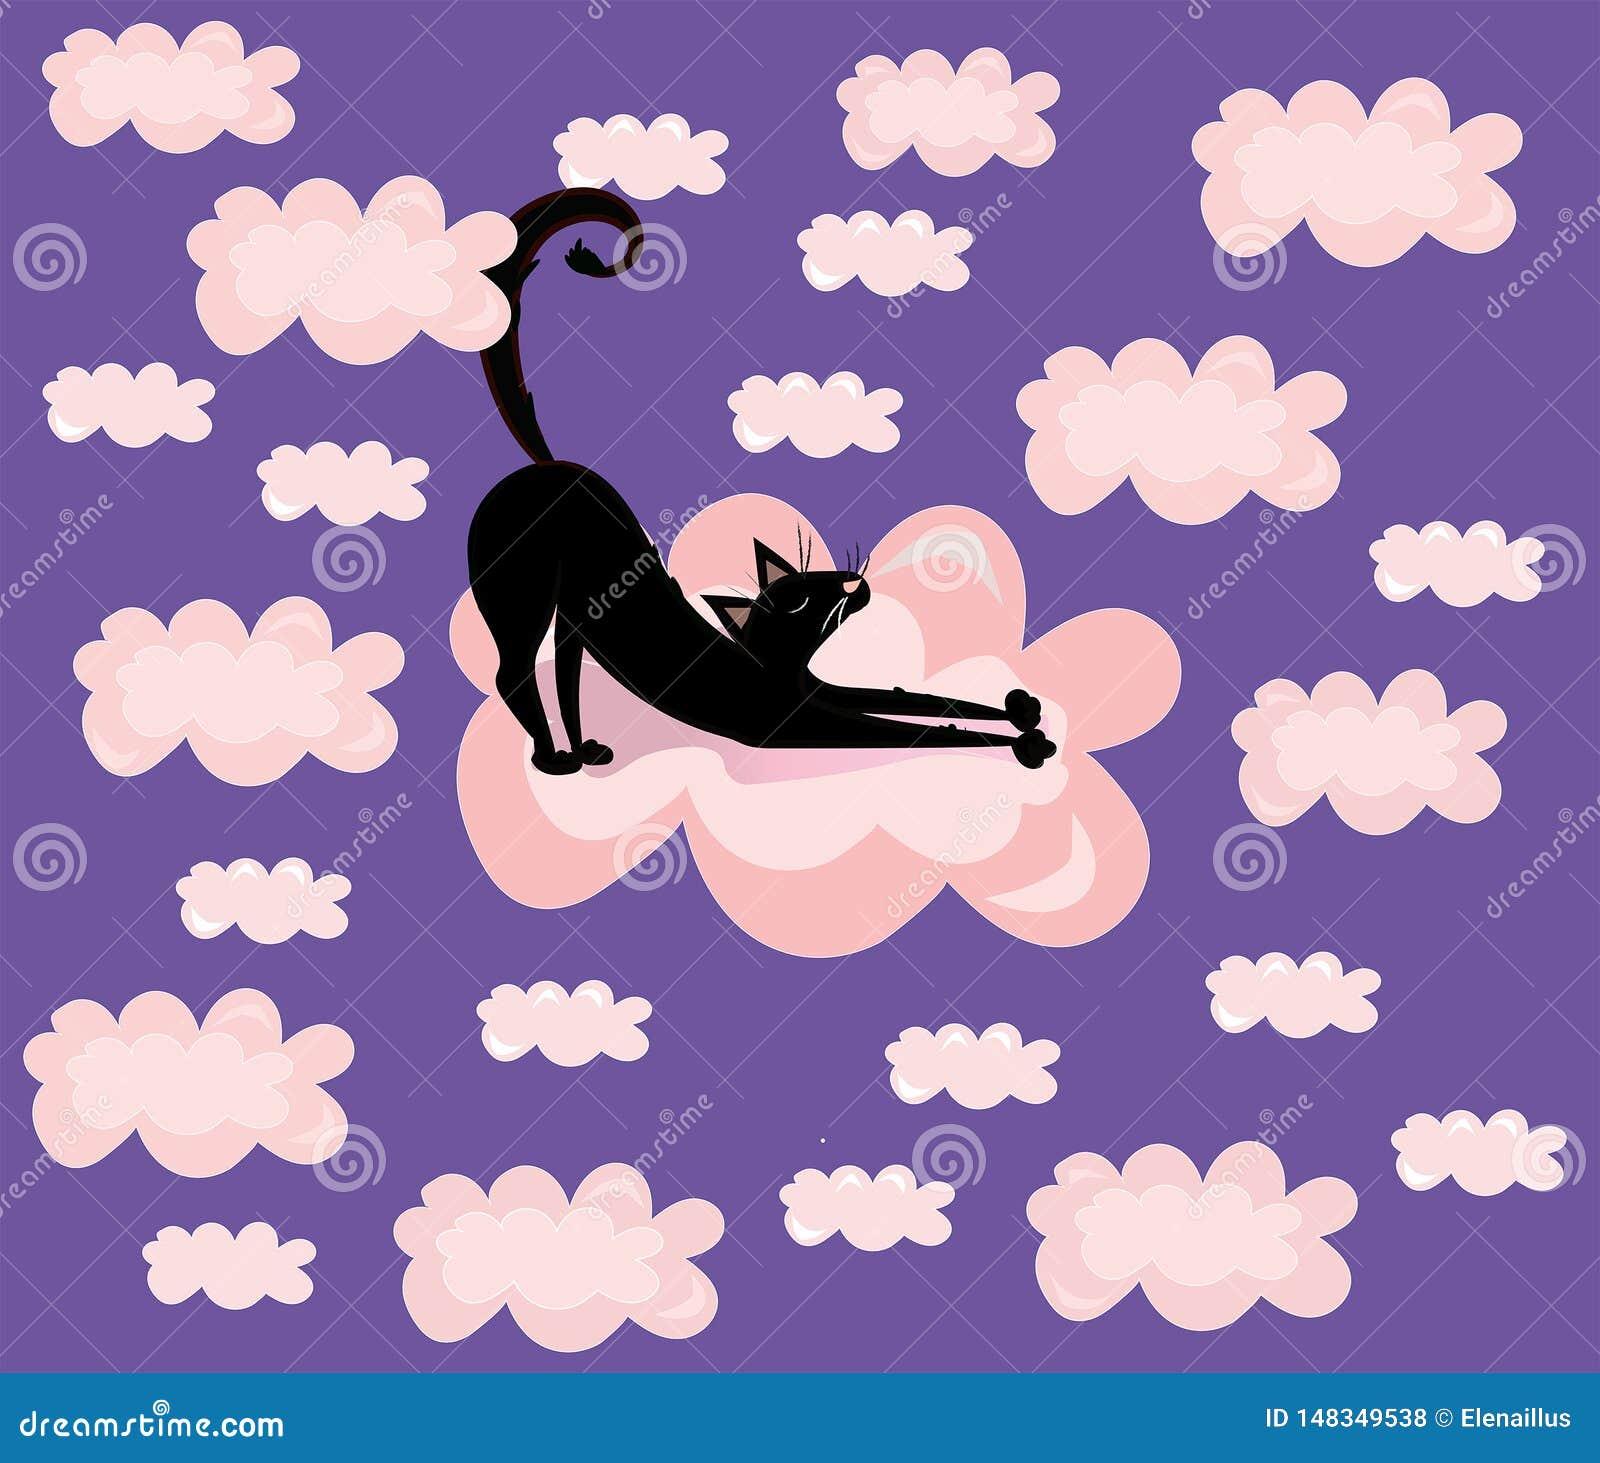 Wektorowy śliczny, śmieszny, kreskówki ilustracja, druk z czarnym kotem w menchiach chmurnieje fiołkowego tło